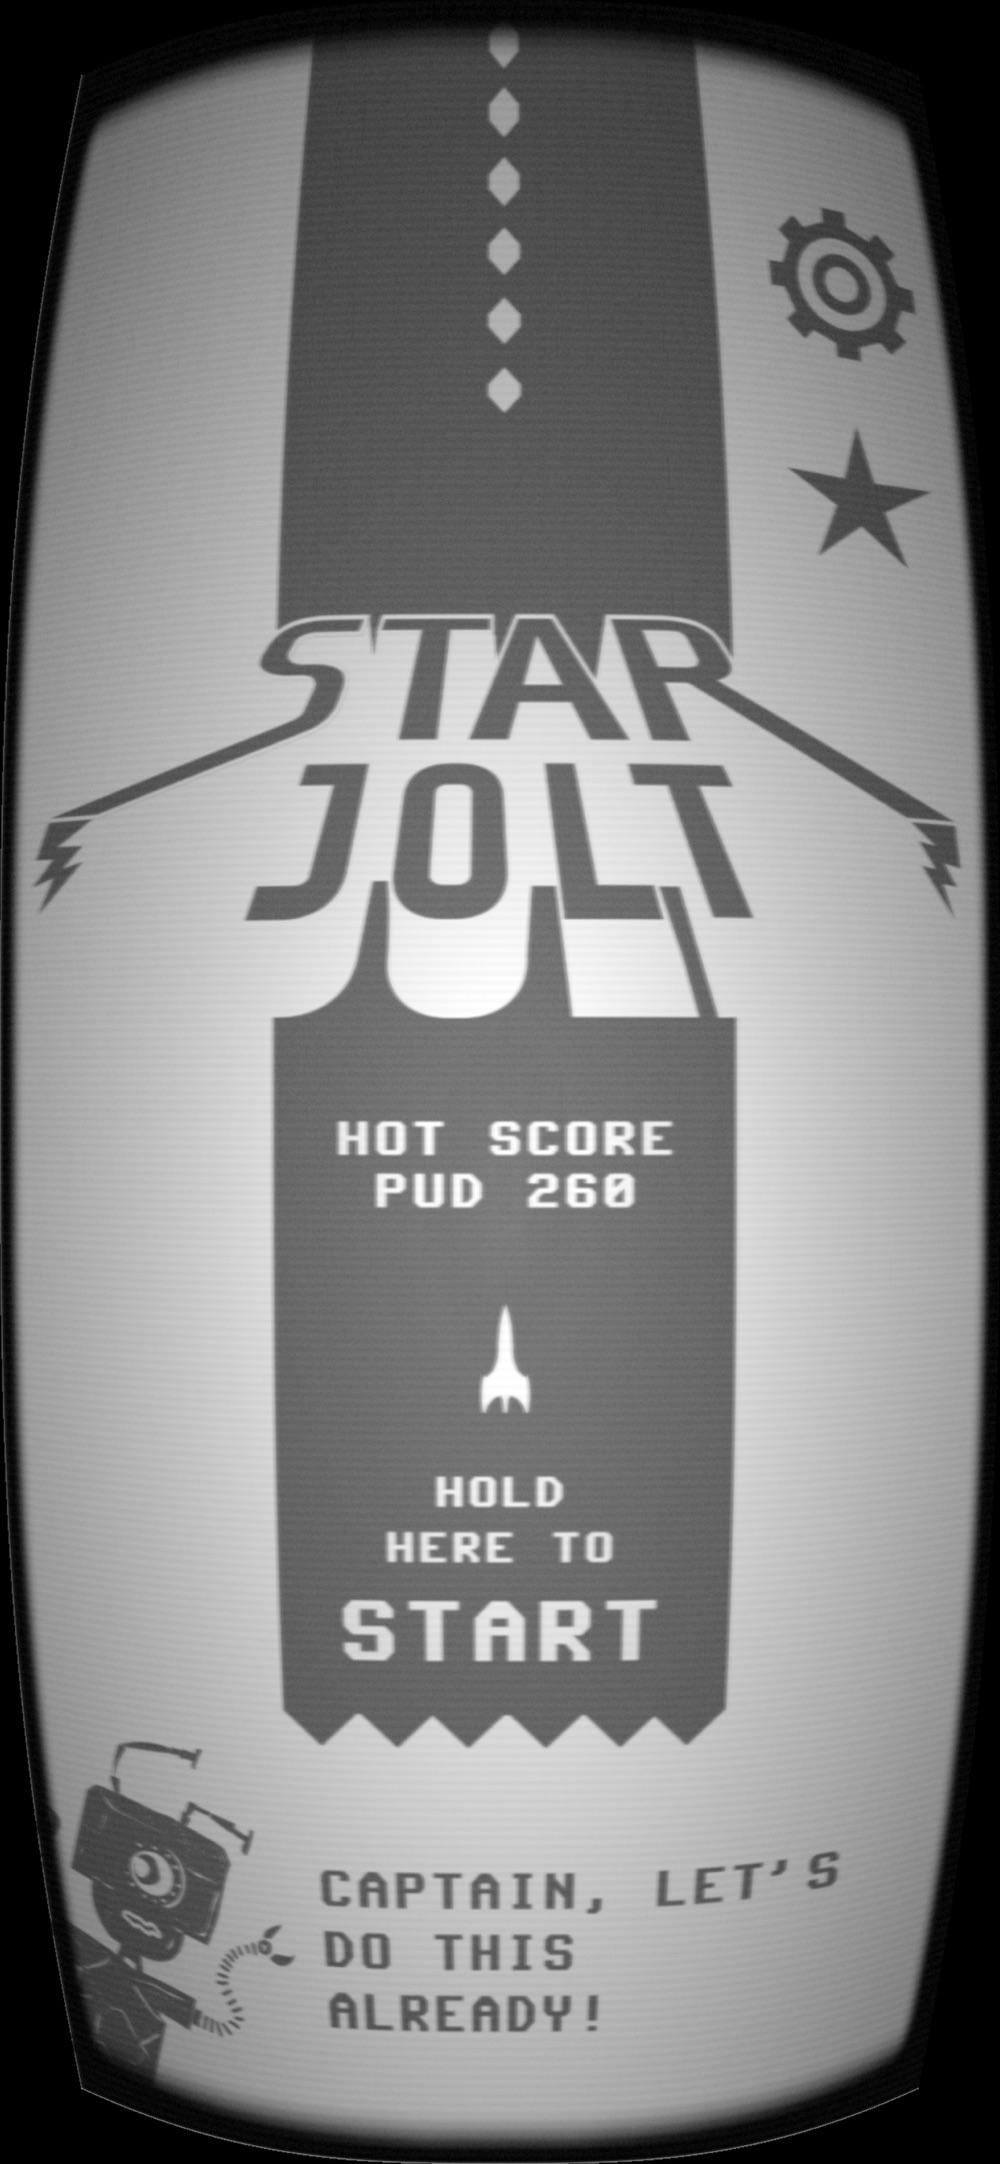 Star Jolt – Retro challenge Cheat Codes